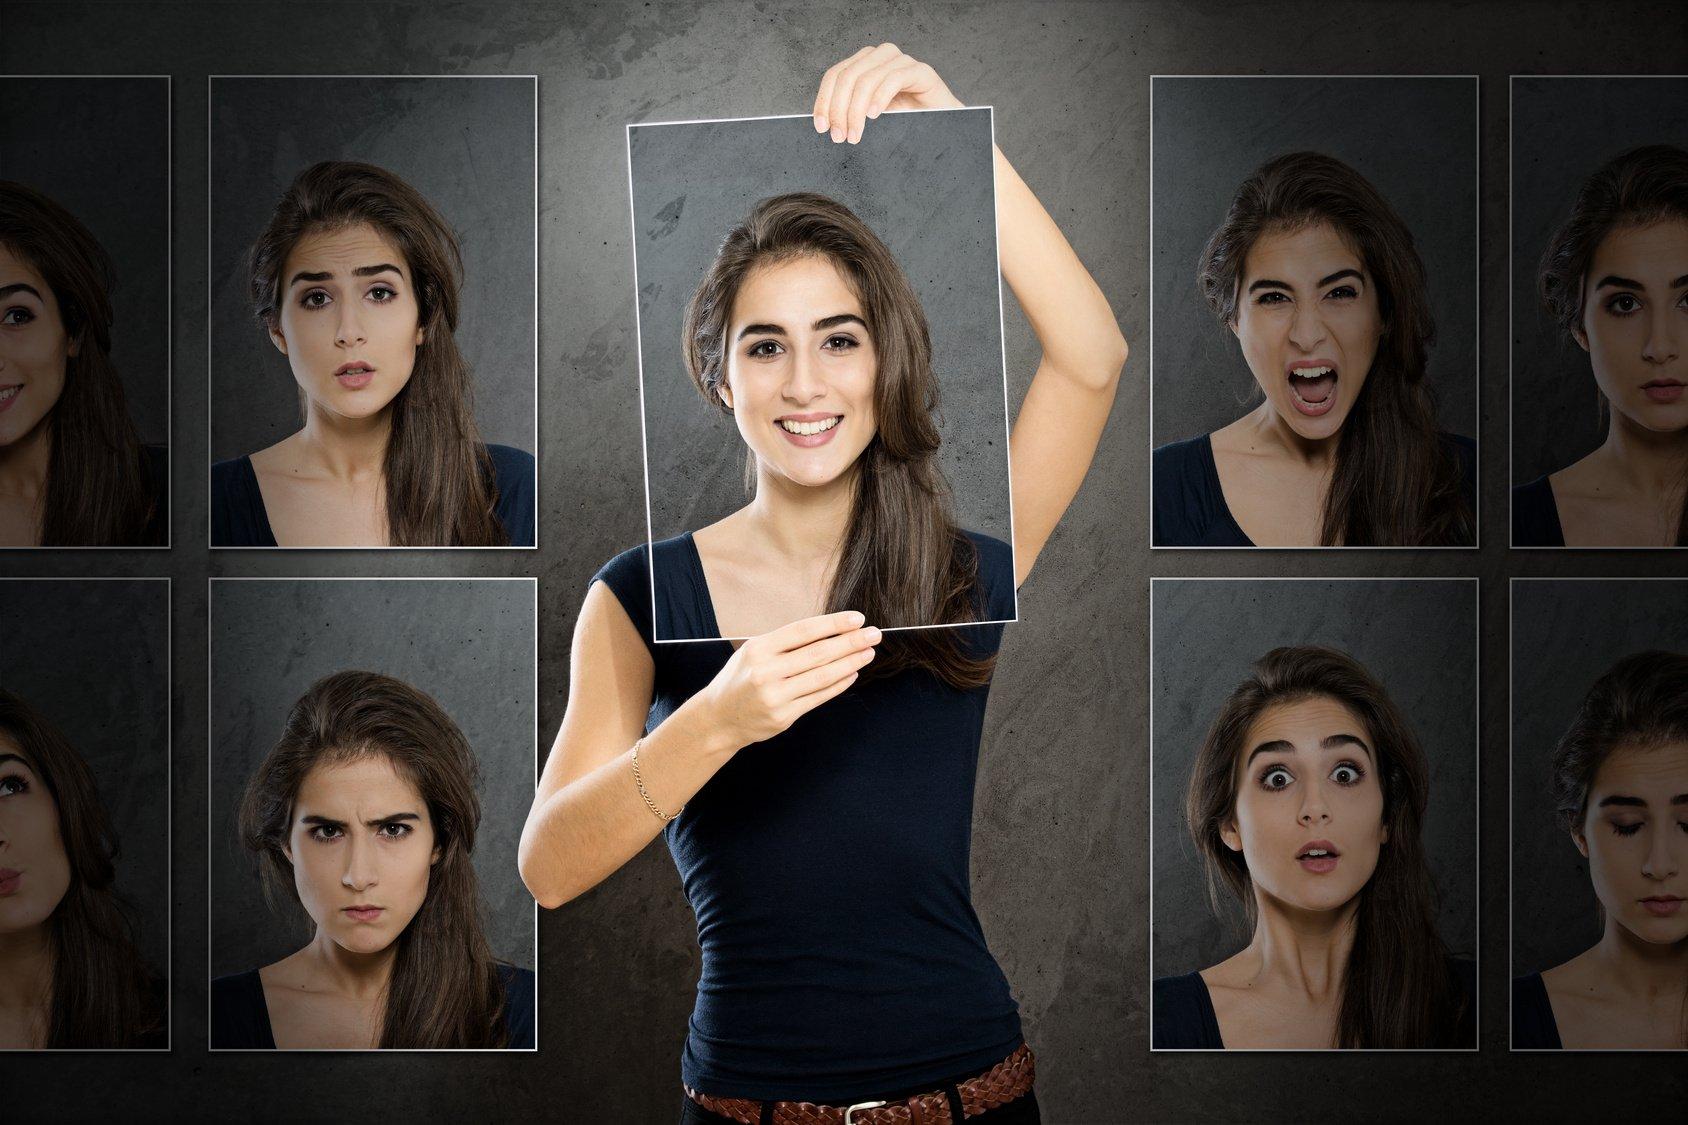 Testimonio de terapia psicológica en centro de psicología y psicoterapia argensola